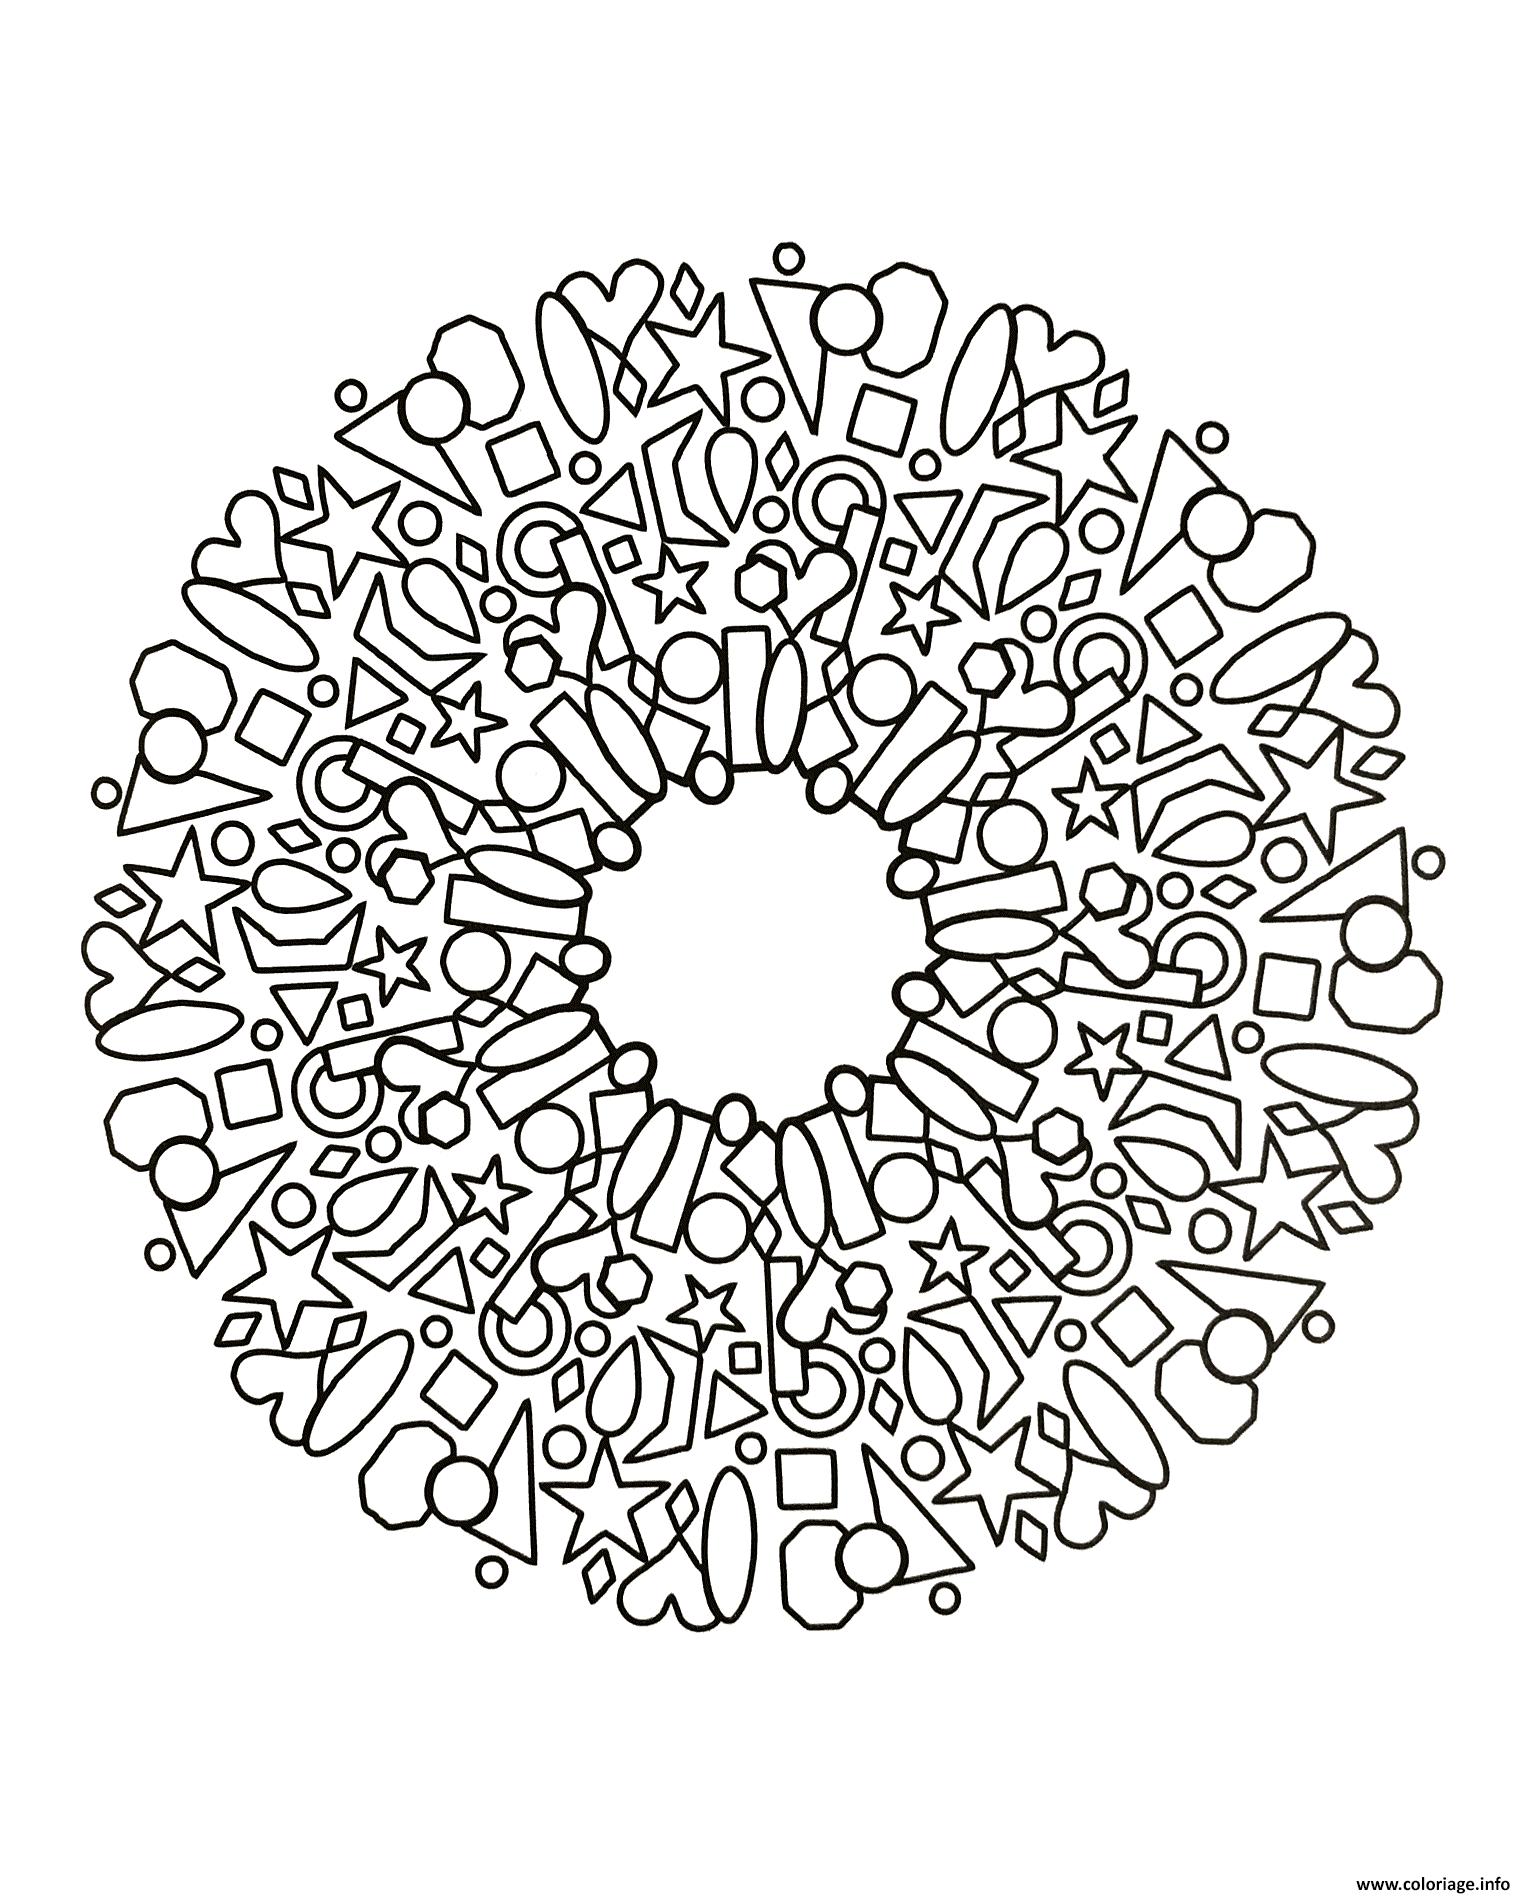 Coloriage mandalas a telecharger gratuitement 24 dessin - Coloriage tractopelle a imprimer gratuit ...